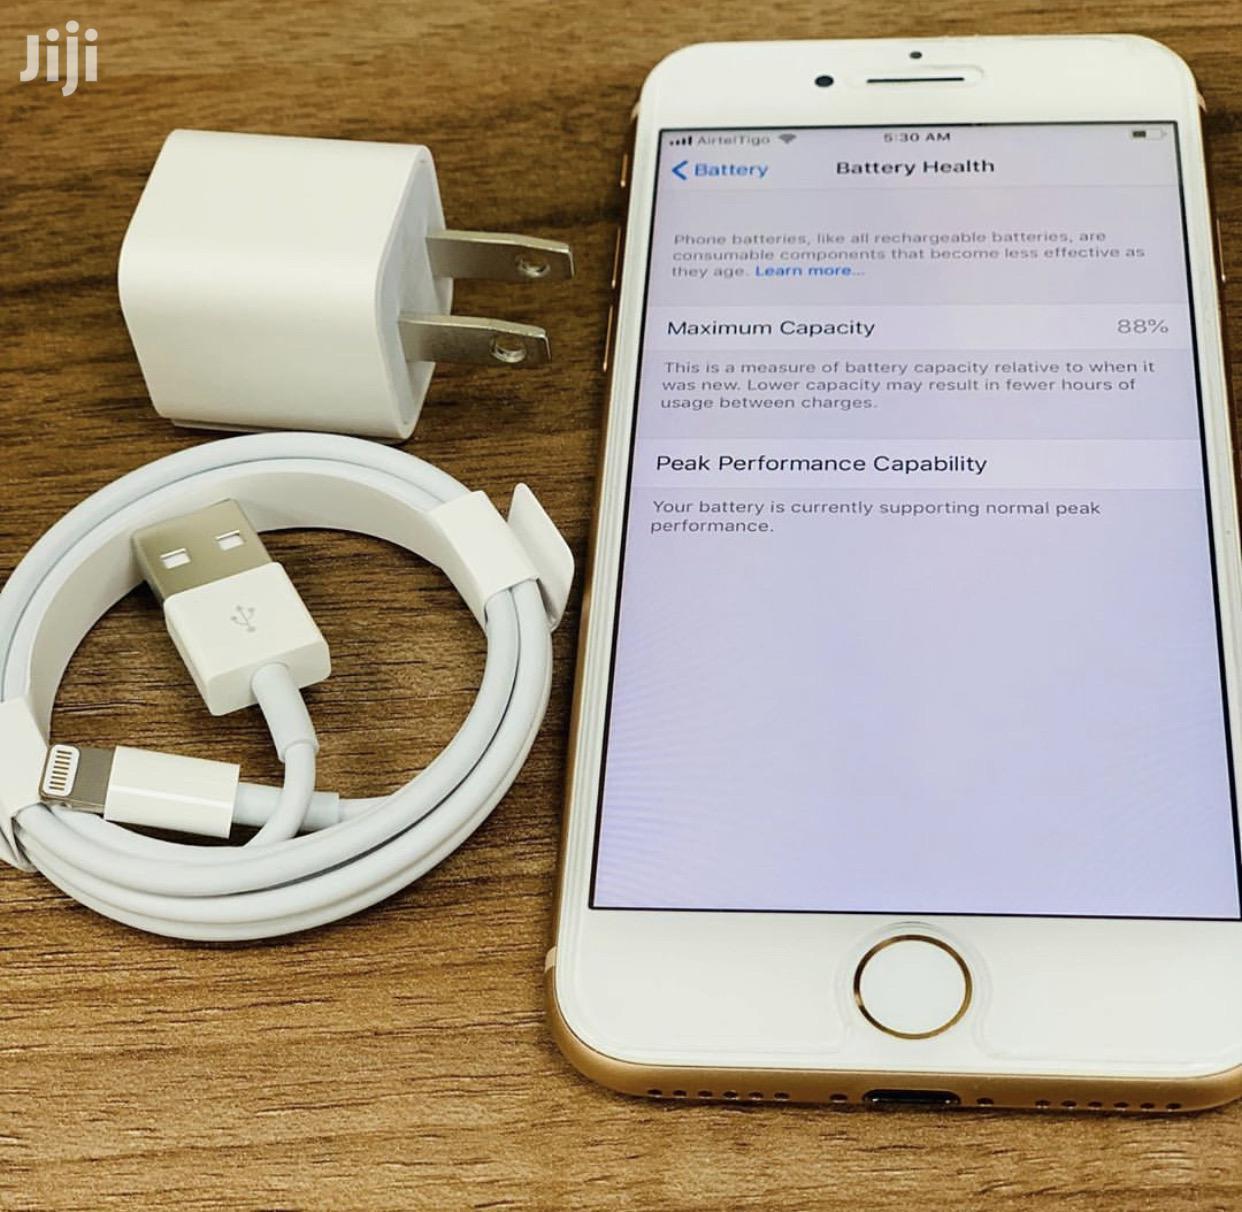 Apple iPhone 7 128 GB | Mobile Phones for sale in Kumasi Metropolitan, Ashanti, Ghana